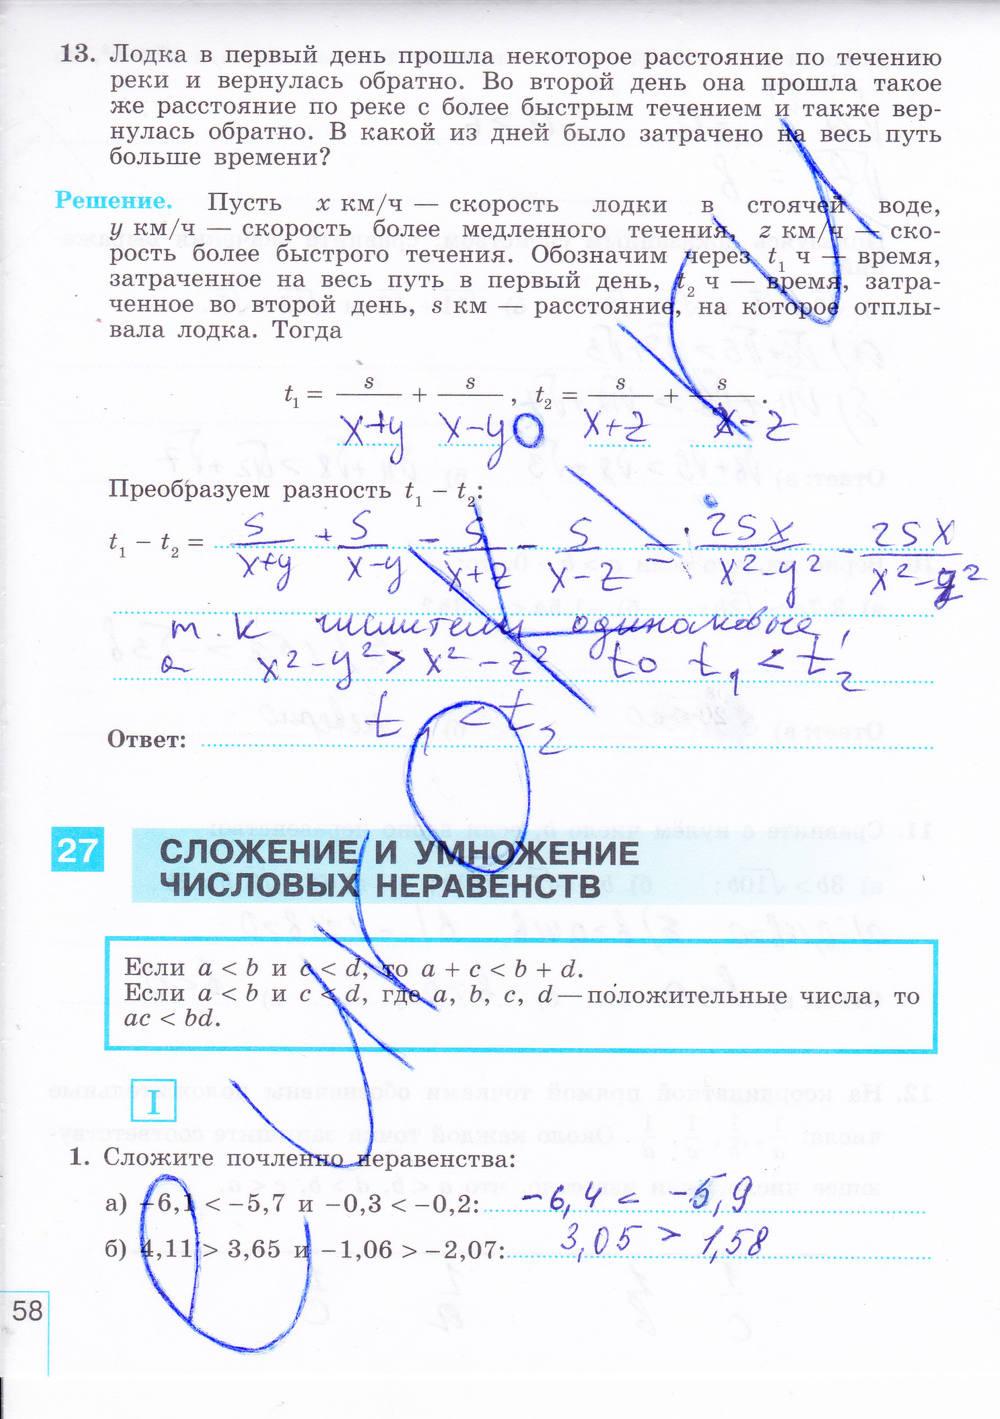 И часть рабочая миндюк 2 алгебре гдз по класс шлыкова тетрадь 8